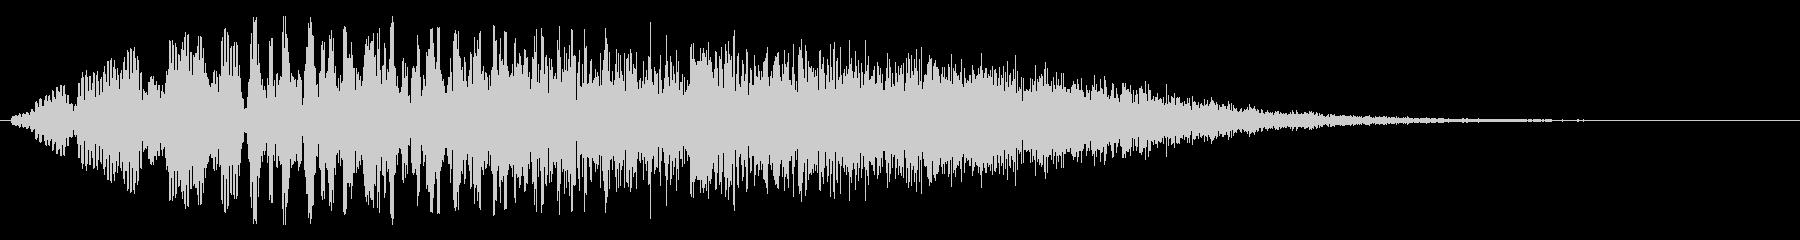 キラキラリ〜ン(低い音から高い音へ)の未再生の波形